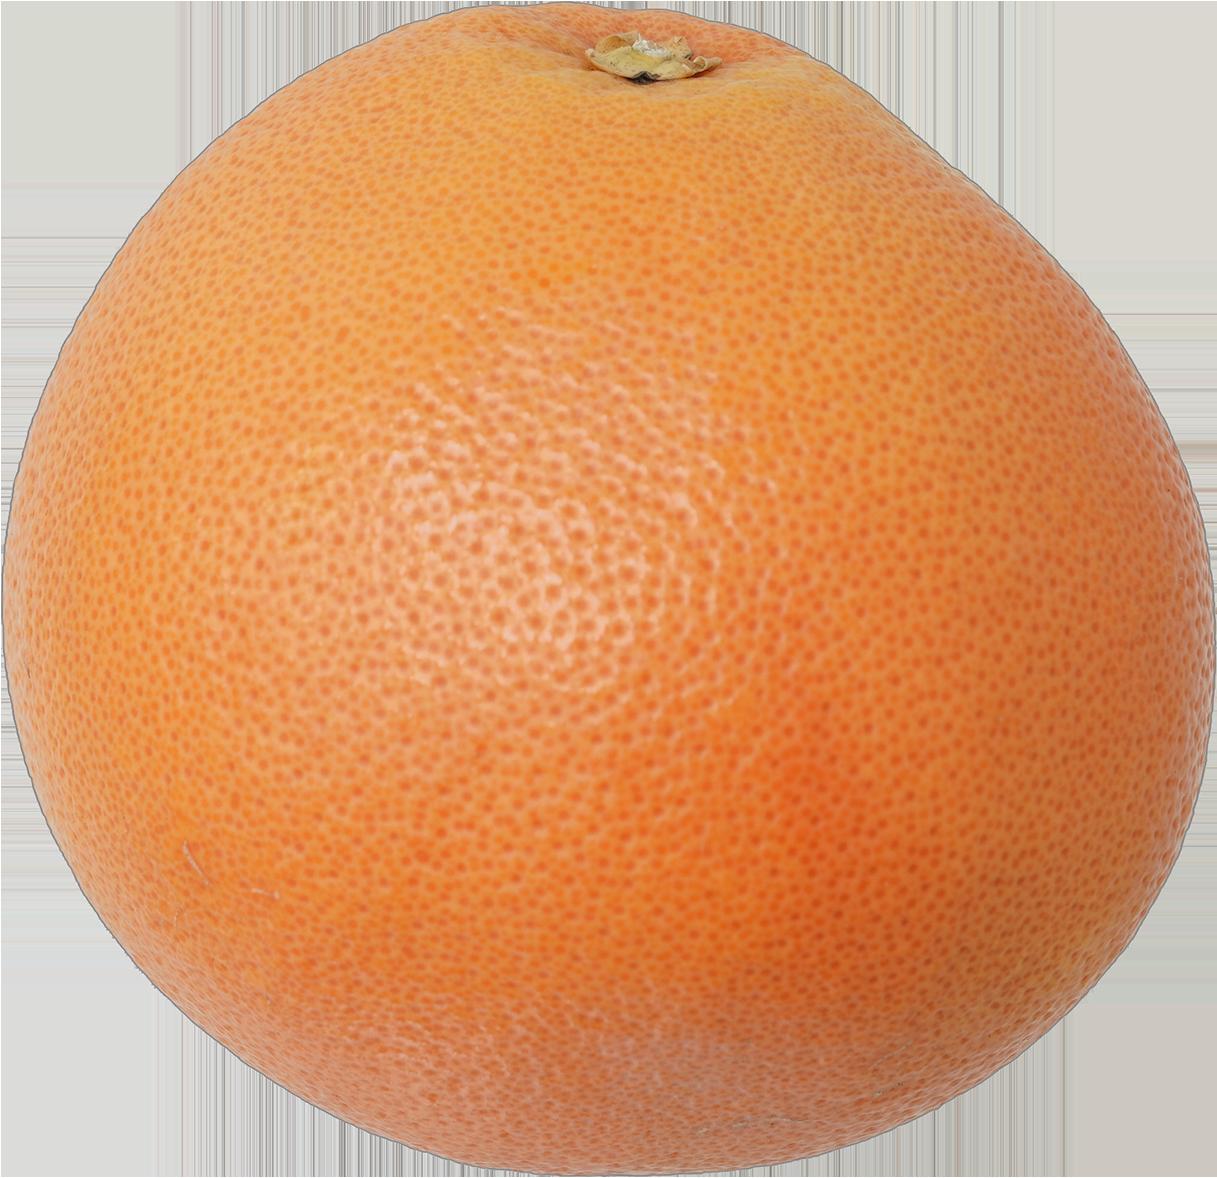 ピンクグレープフルーツ|商用可フリー画像・背景透過